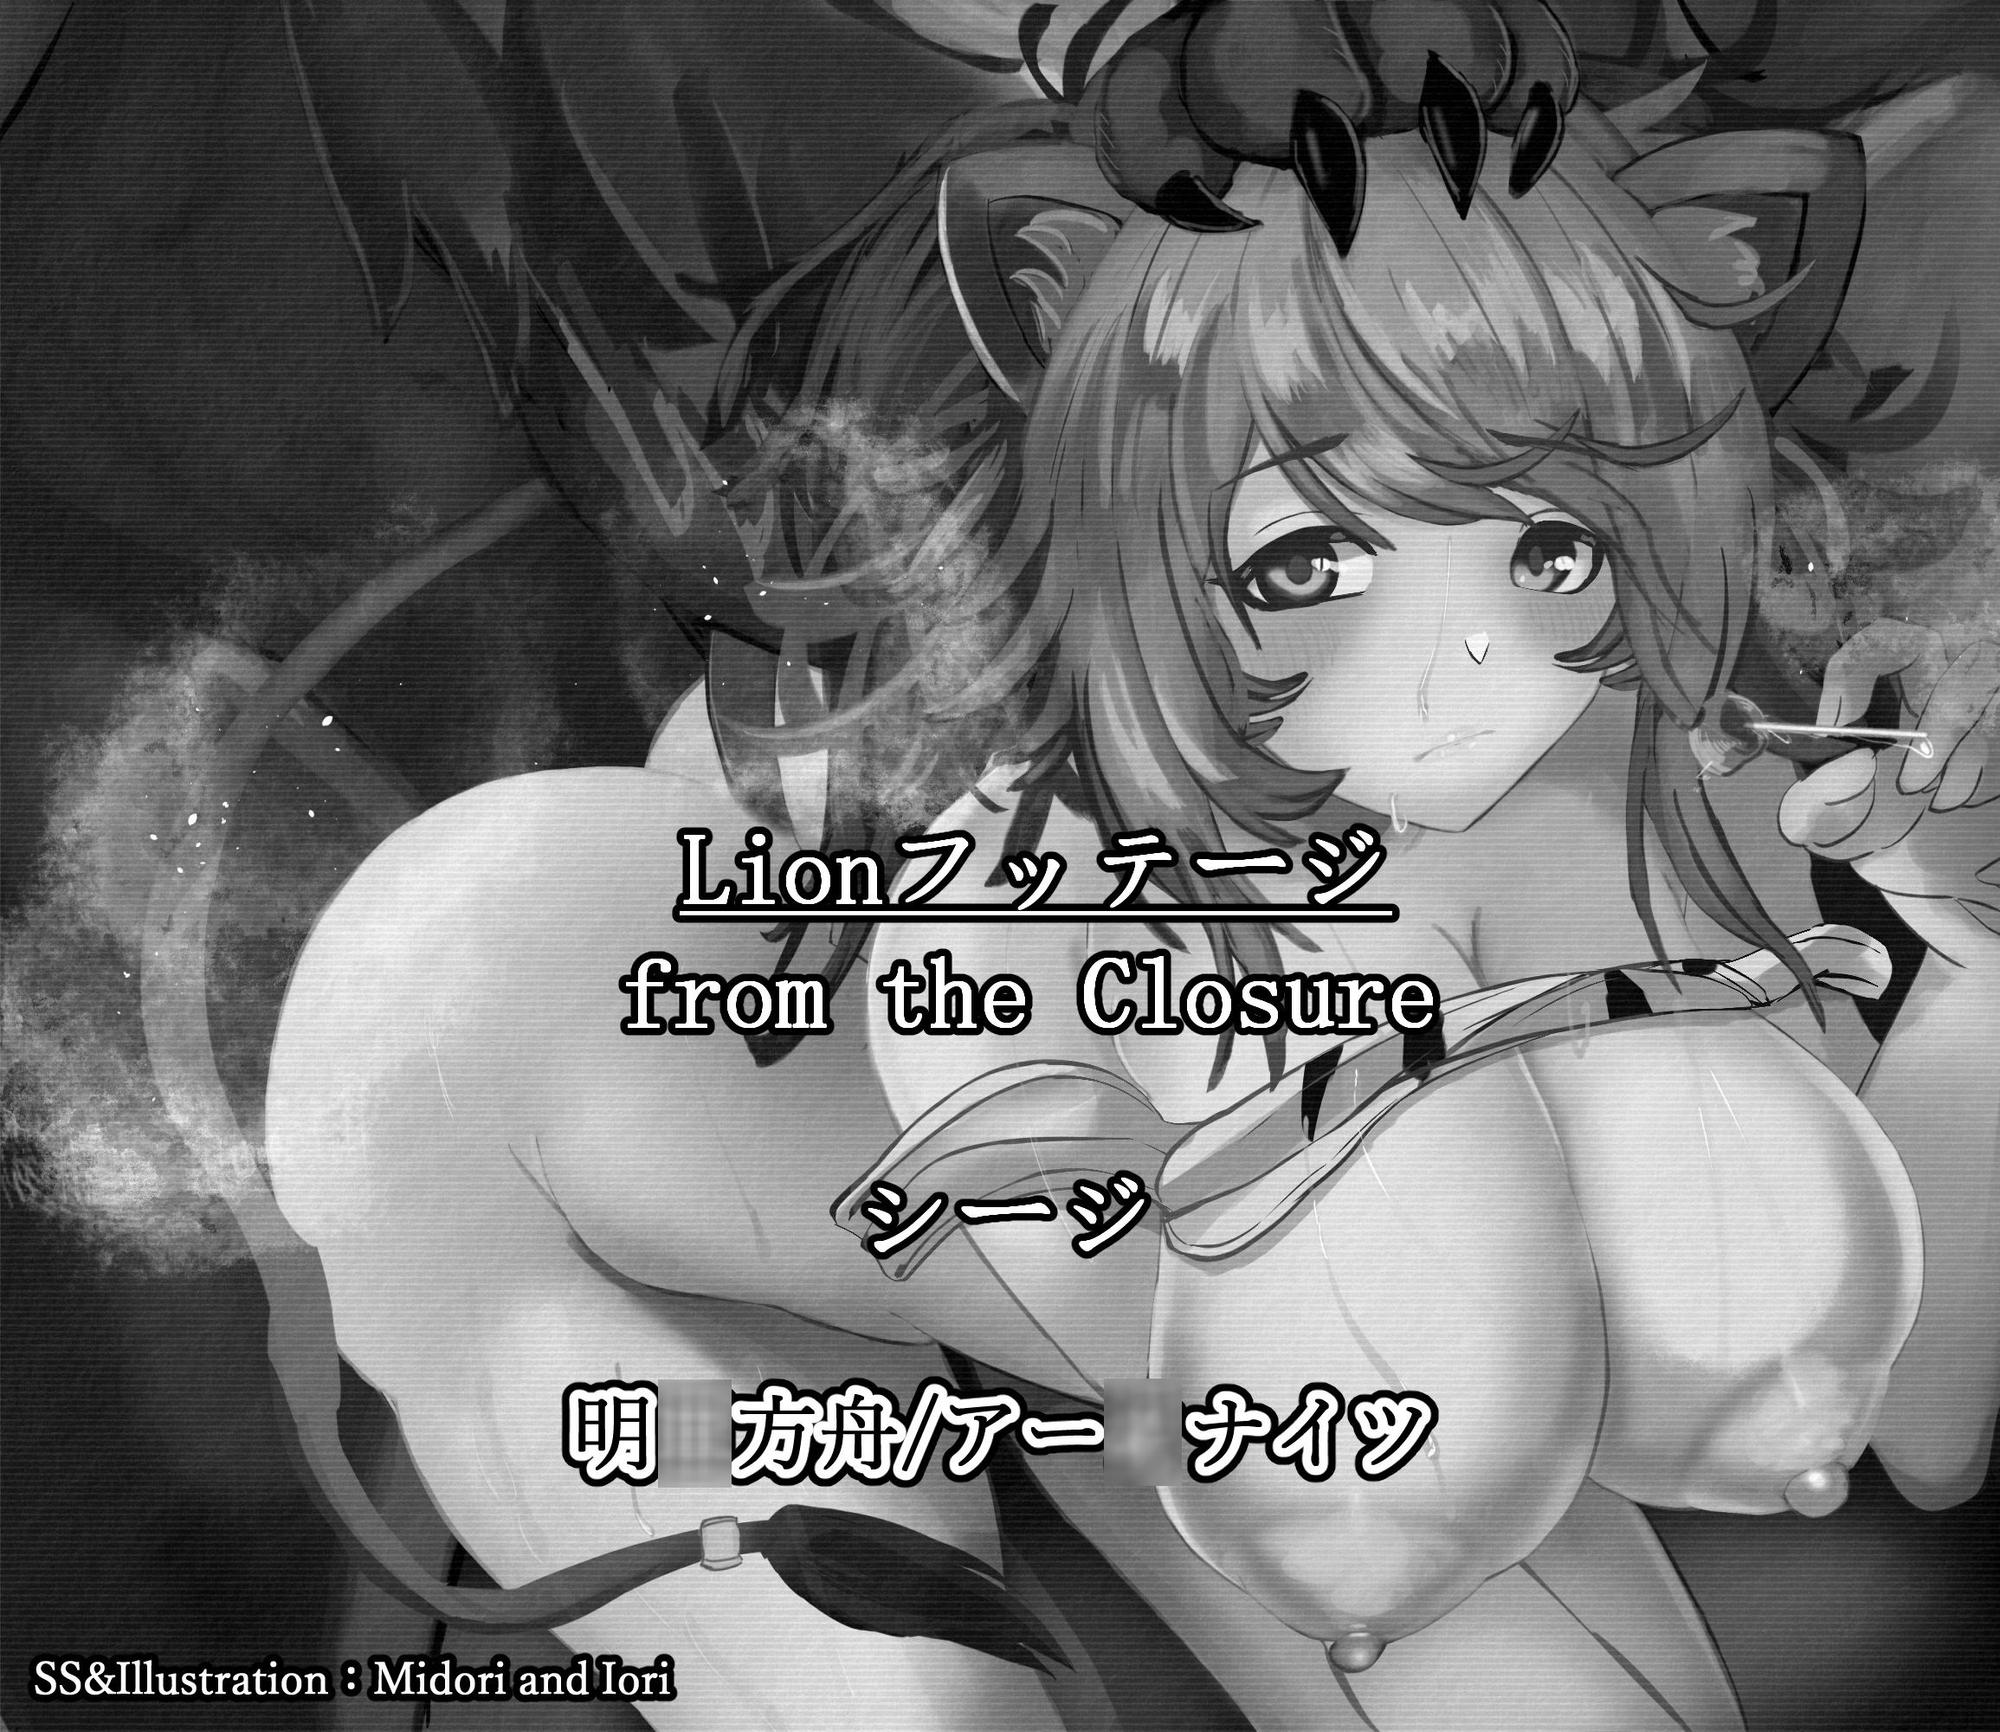 【アー◯ナイツ】シージ M.I.A Series EX.No 獣姦フッテージ